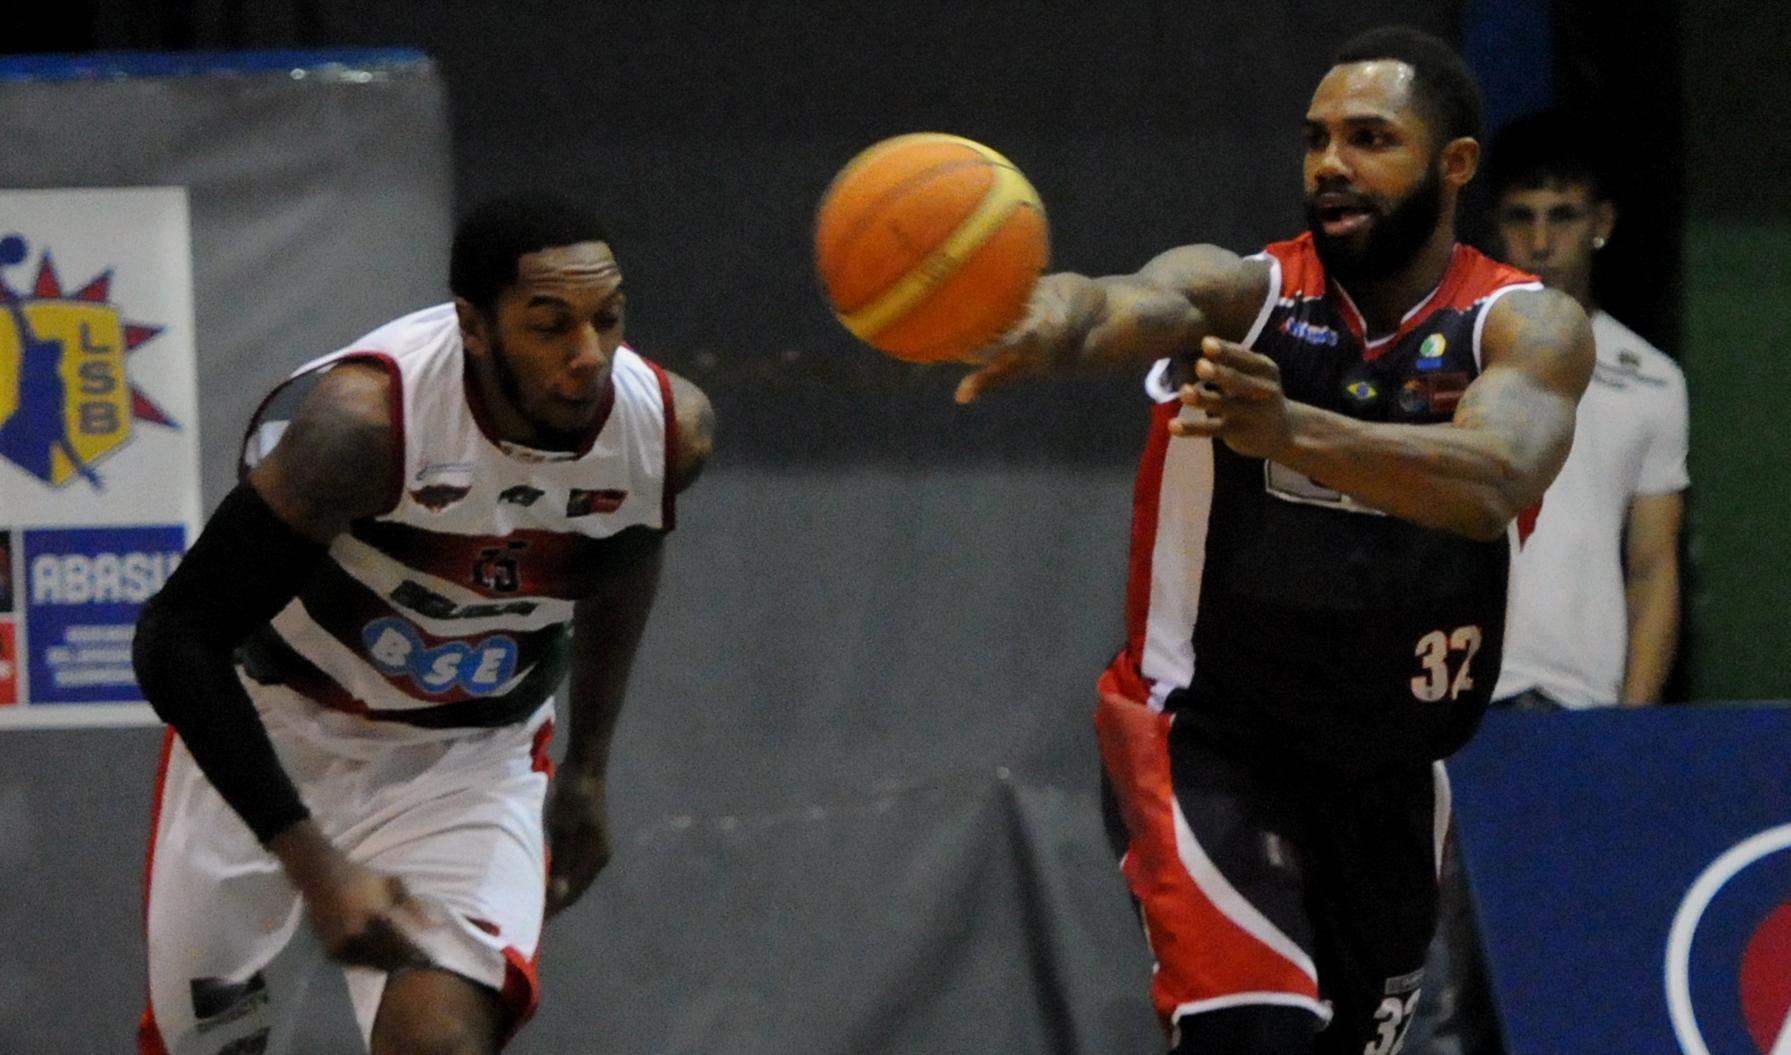 Mesmo com derrota para o Aguada, Limeira confirmou a liderança do Grupo C e garantiu vaga na próxima fase (Marcelo Figueras/FIBA Americas)